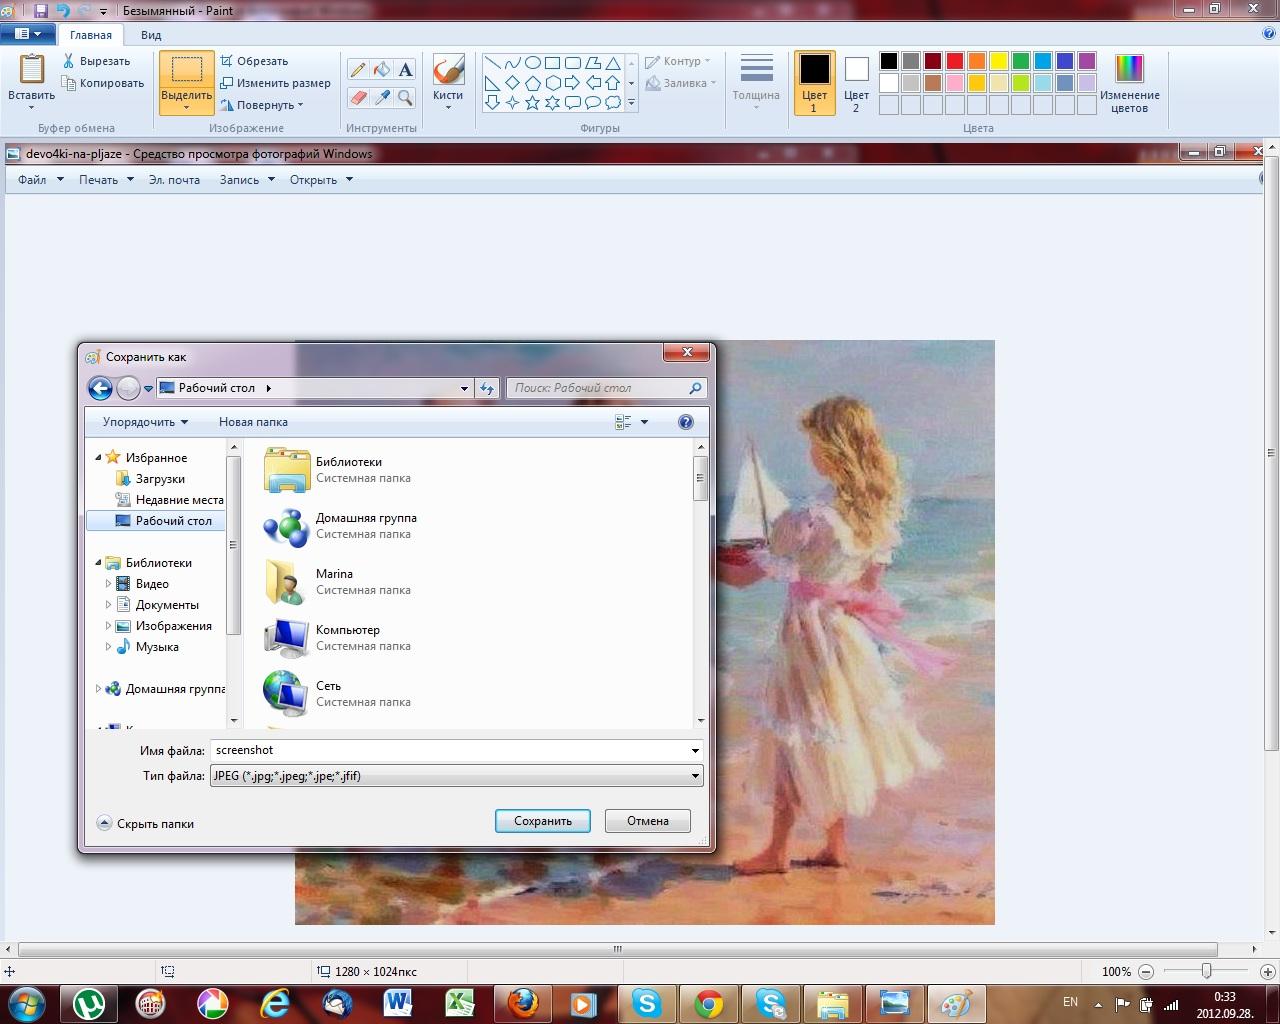 Как из prt sc сделать jpg